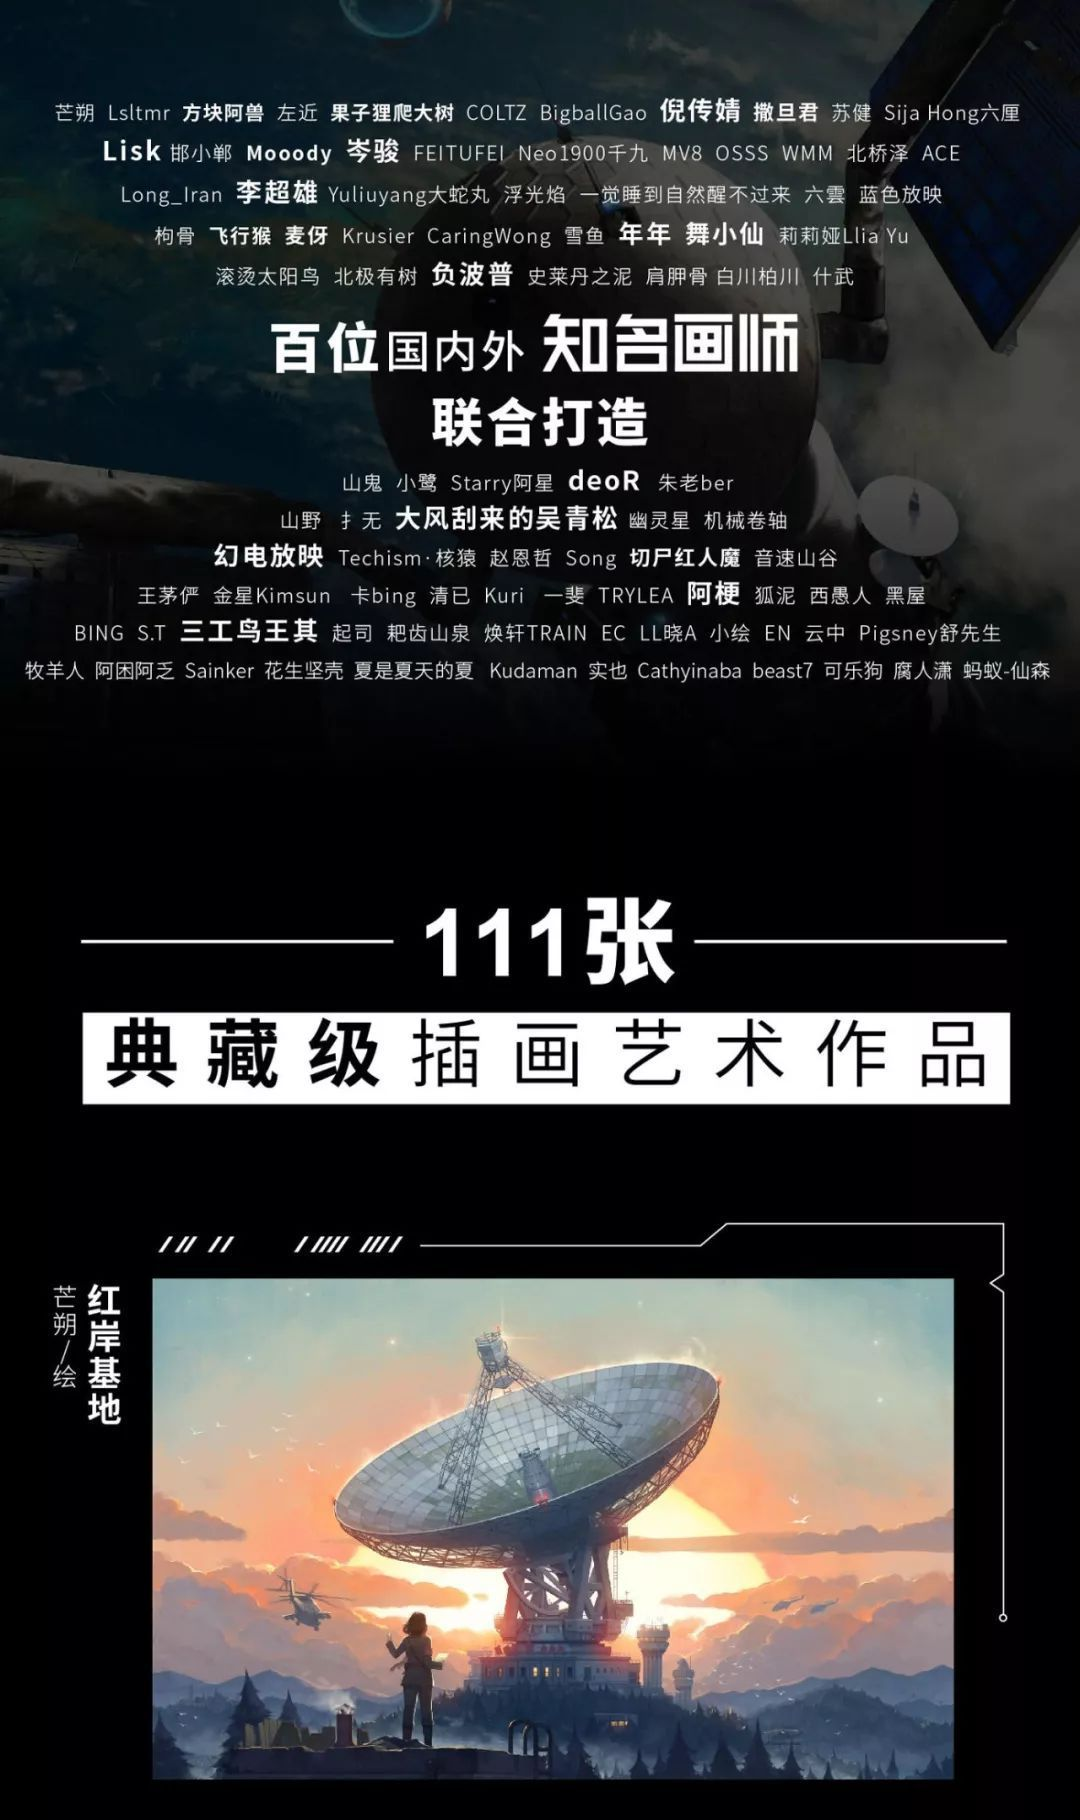 《三体》首本官方艺术插画集,久等了!